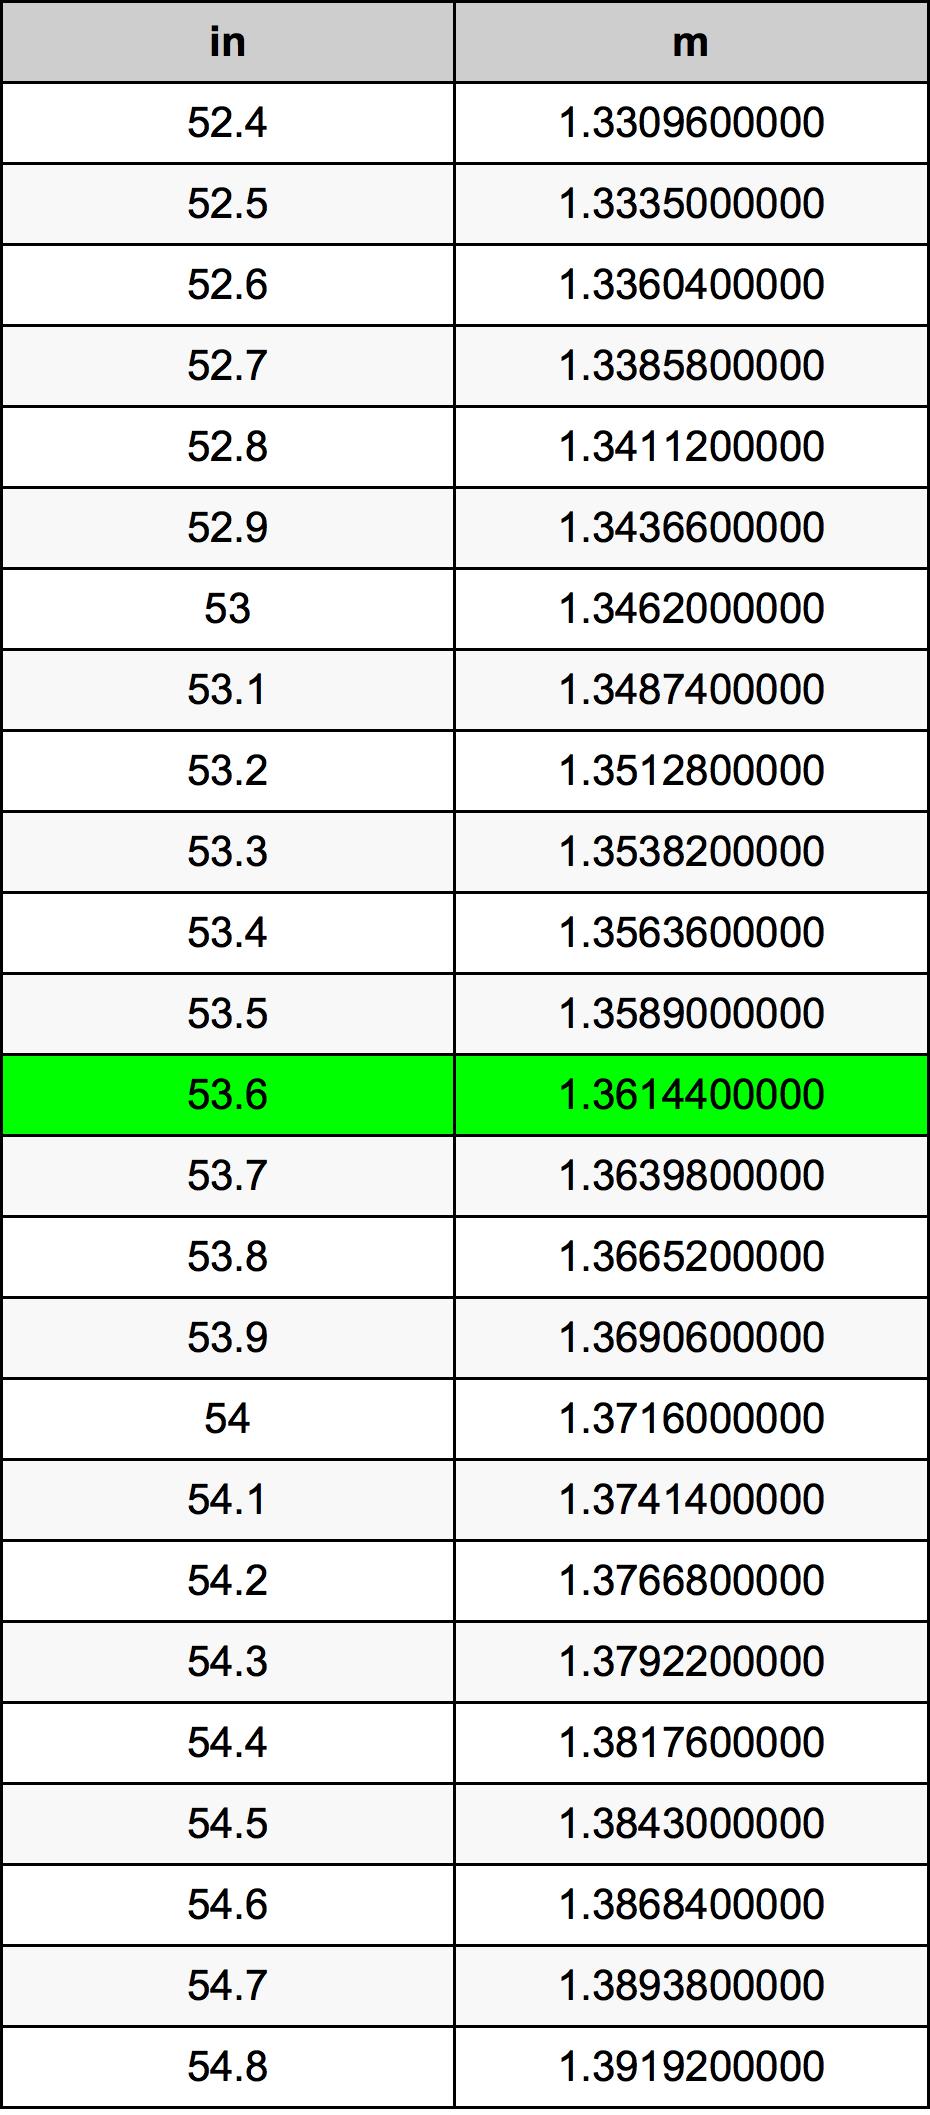 53.6 Țol tabelul de conversie